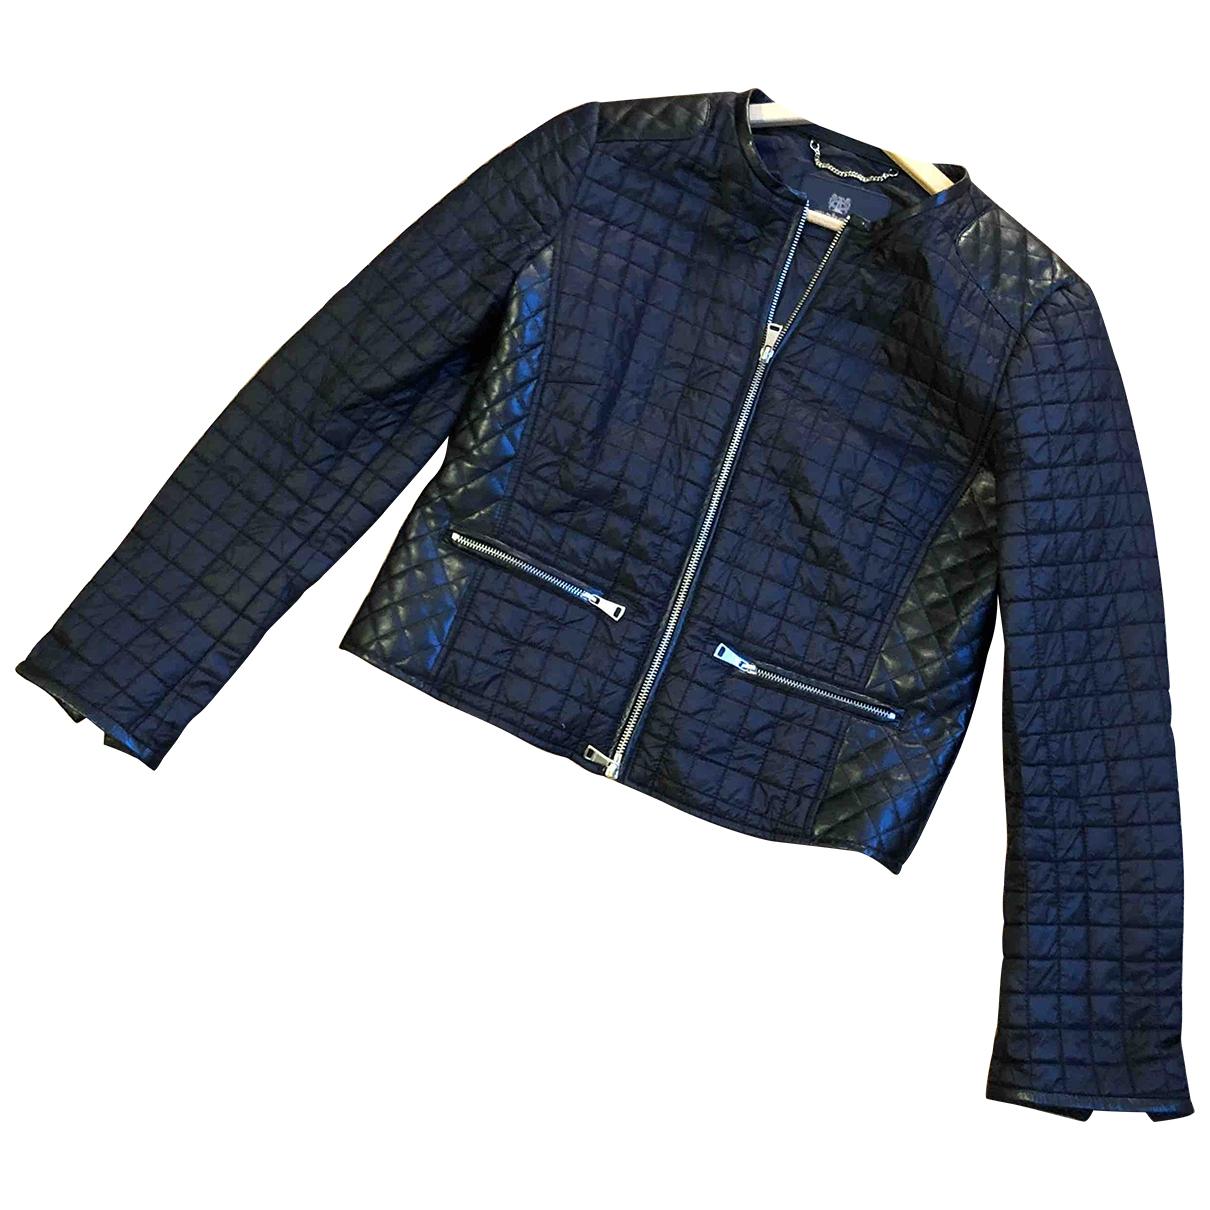 Mabrun \N Black jacket for Women 46 IT